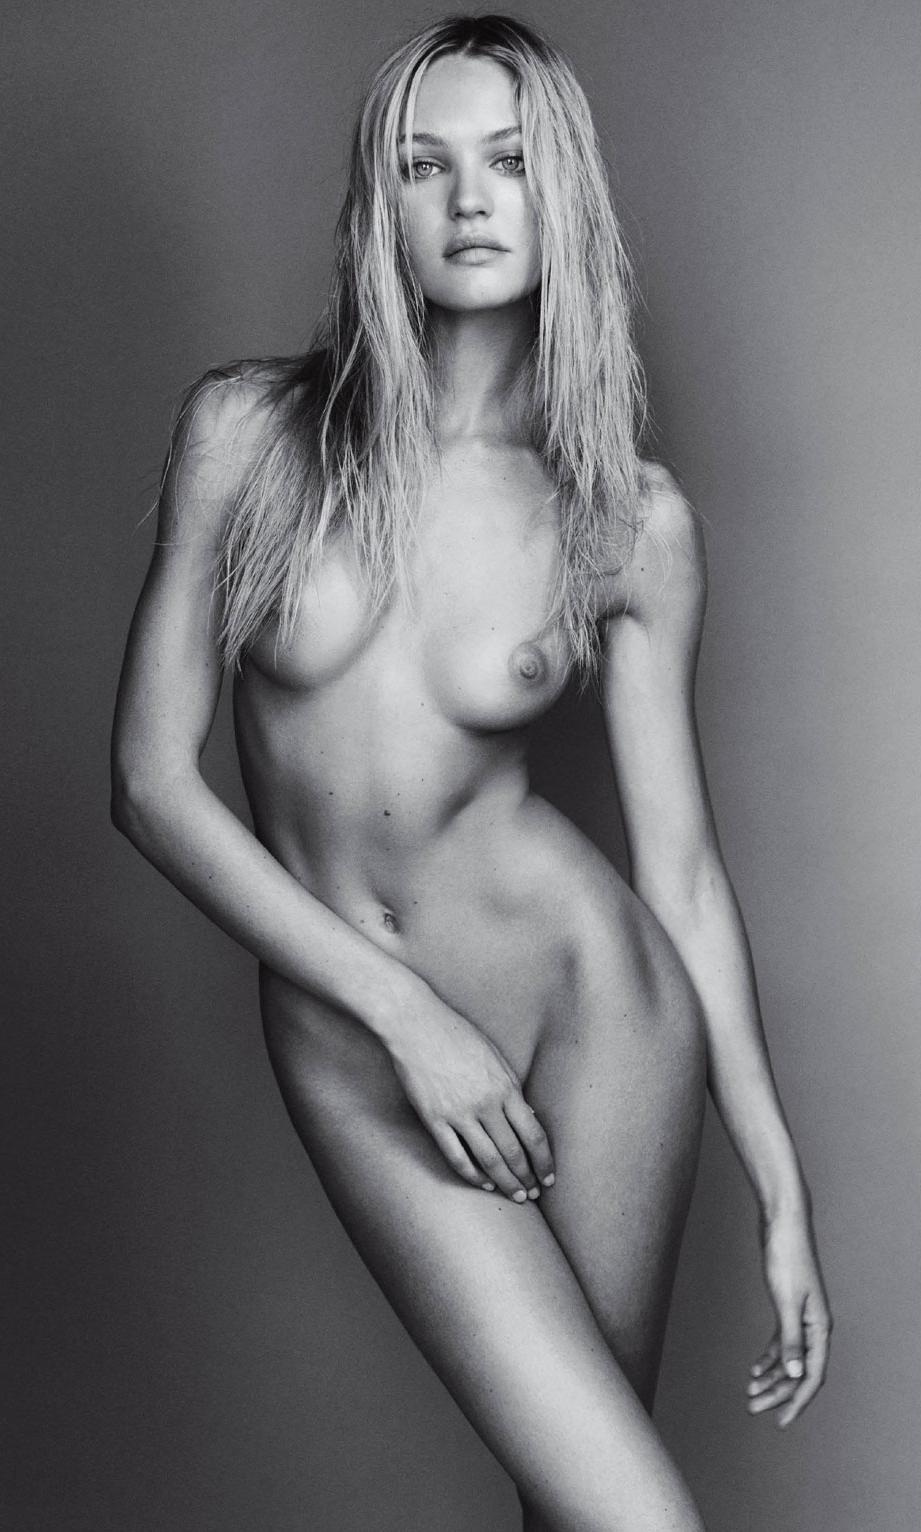 wet-fully-naked-supermodel-selena-gomez